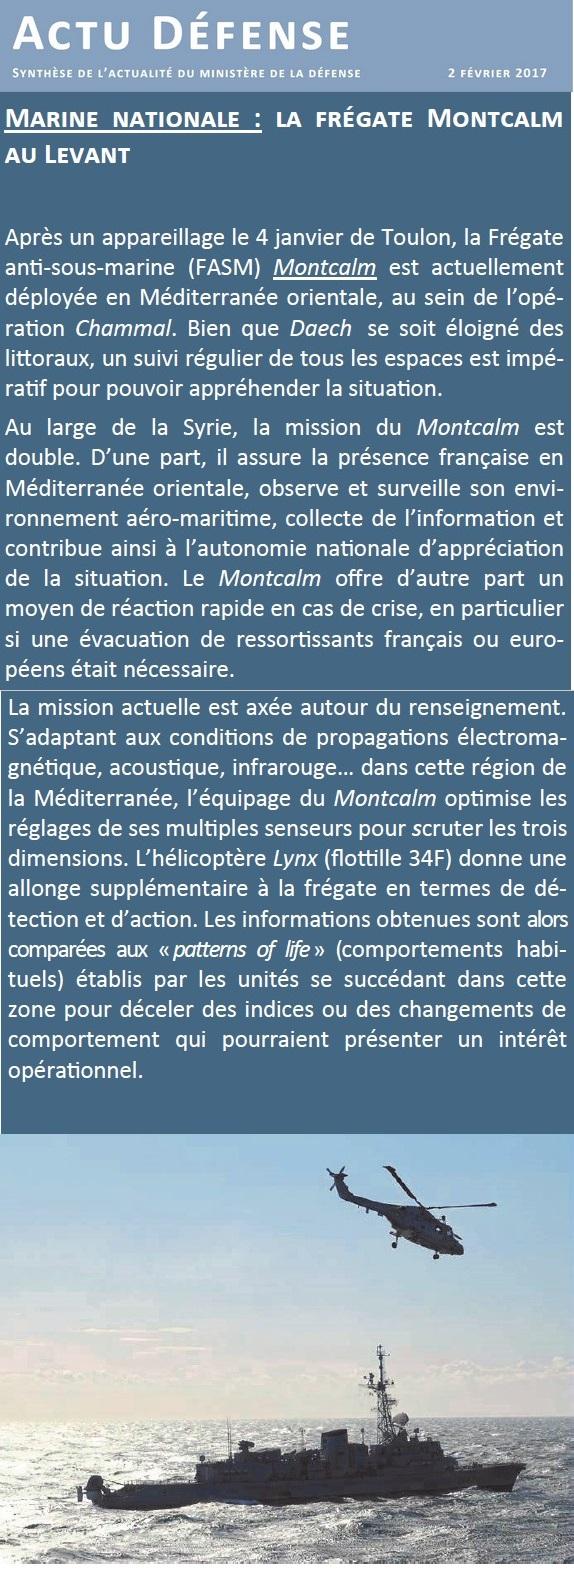 MONTCALM (FRÉGATE) - Page 6 201473ActuDefense